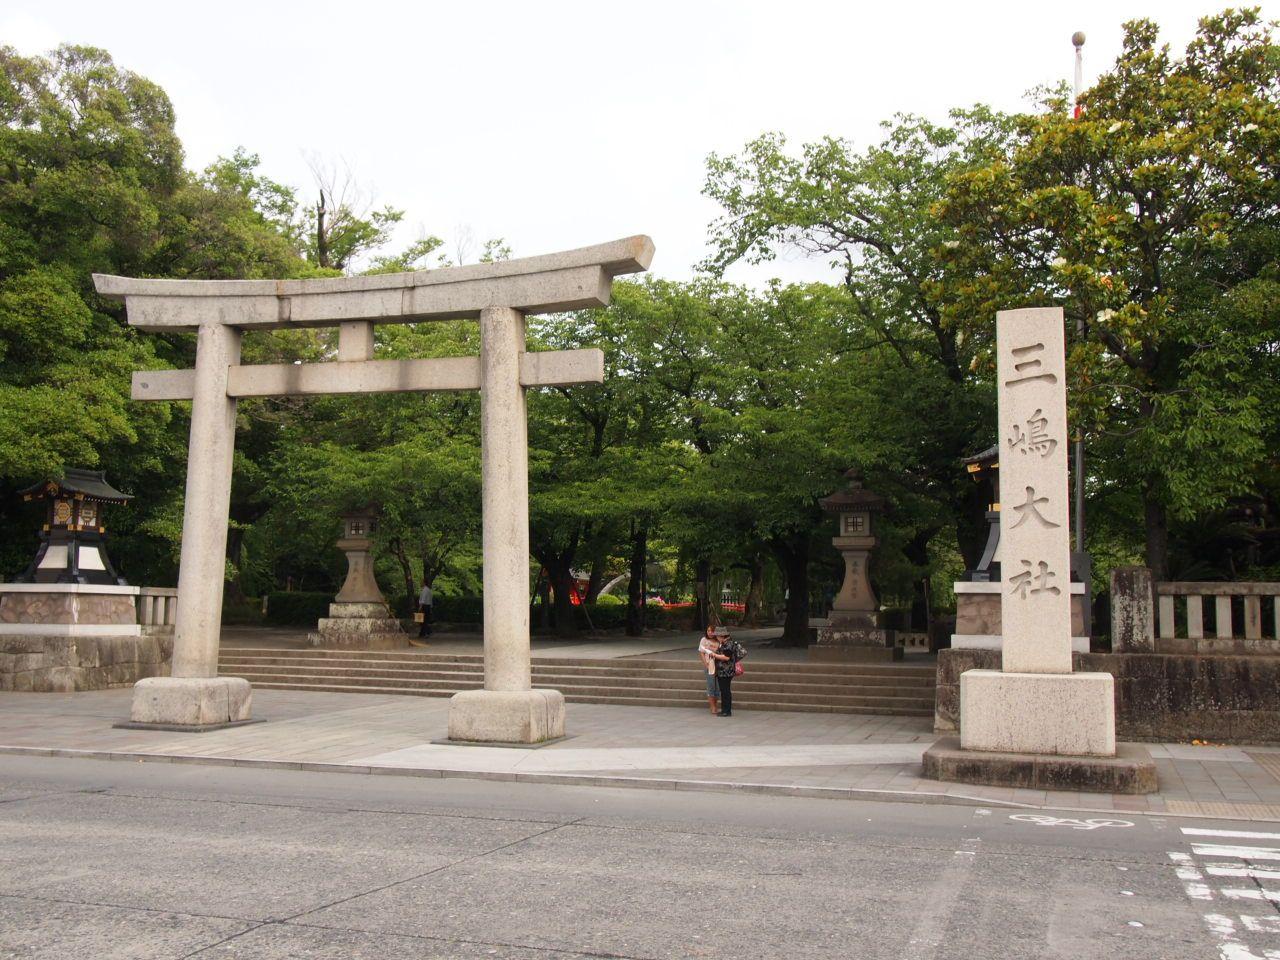 2,000年余の長い歴史がある三嶋大社